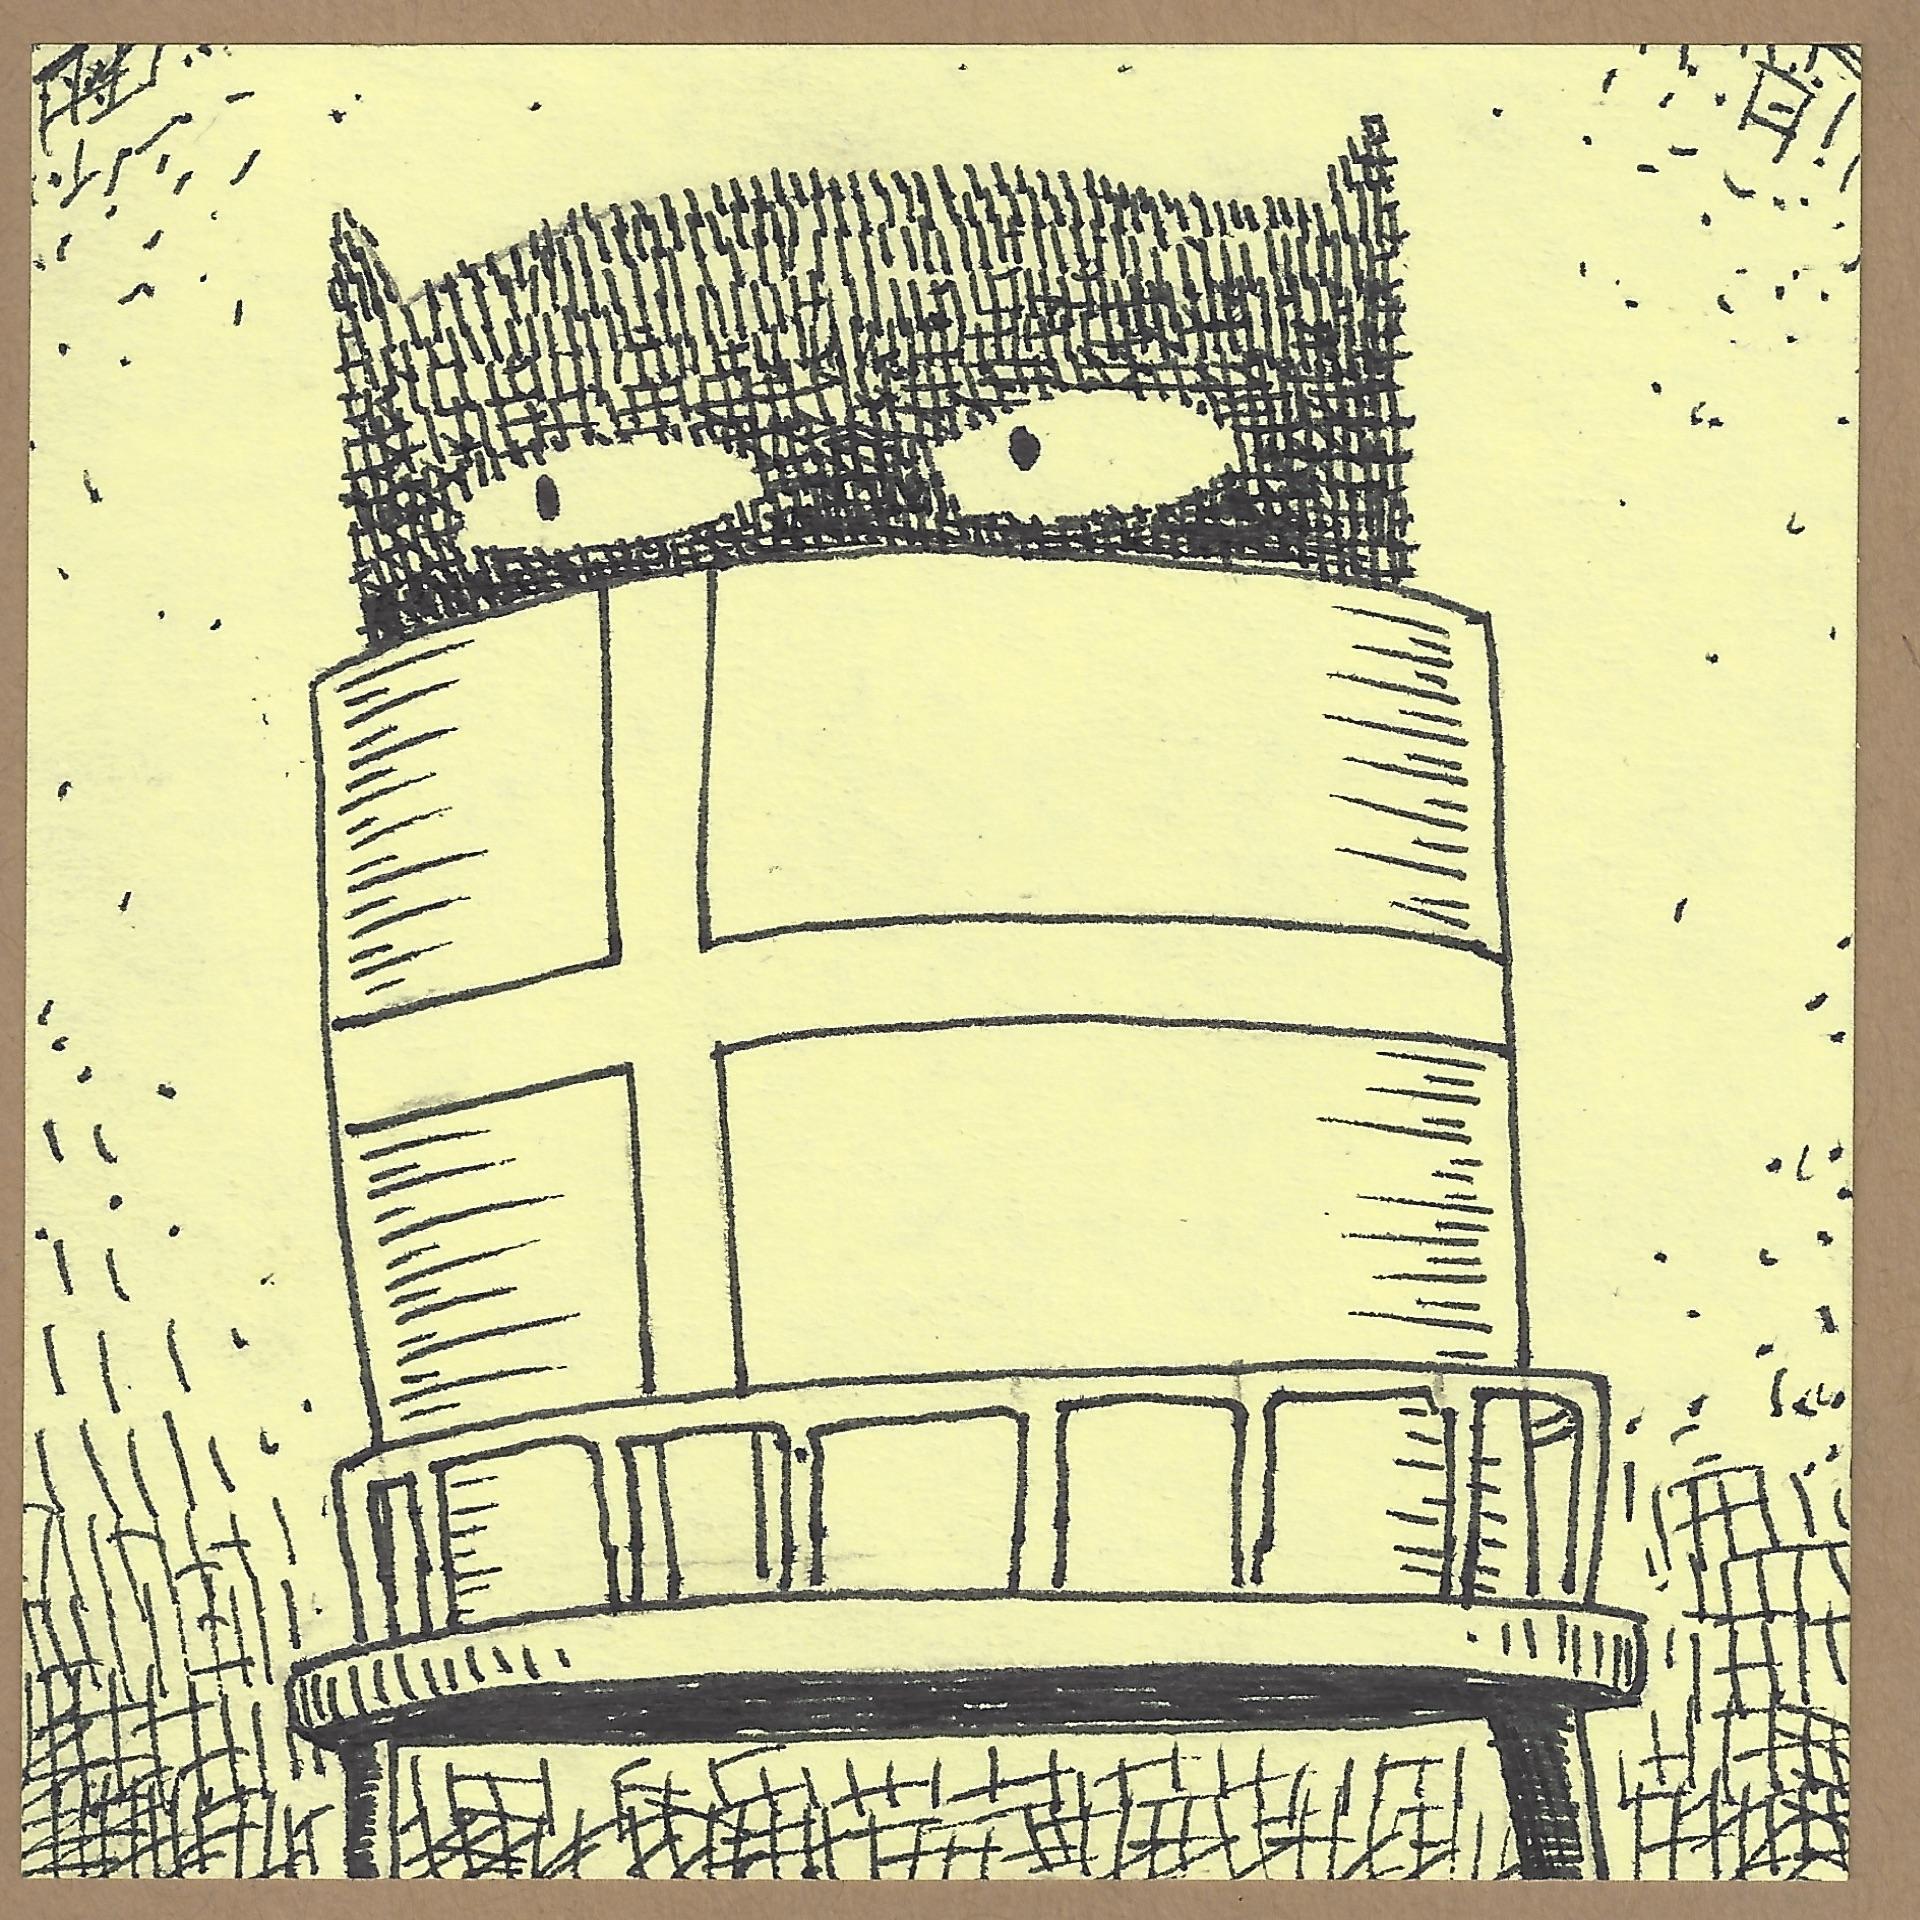 andersonville watertower critter.jpg